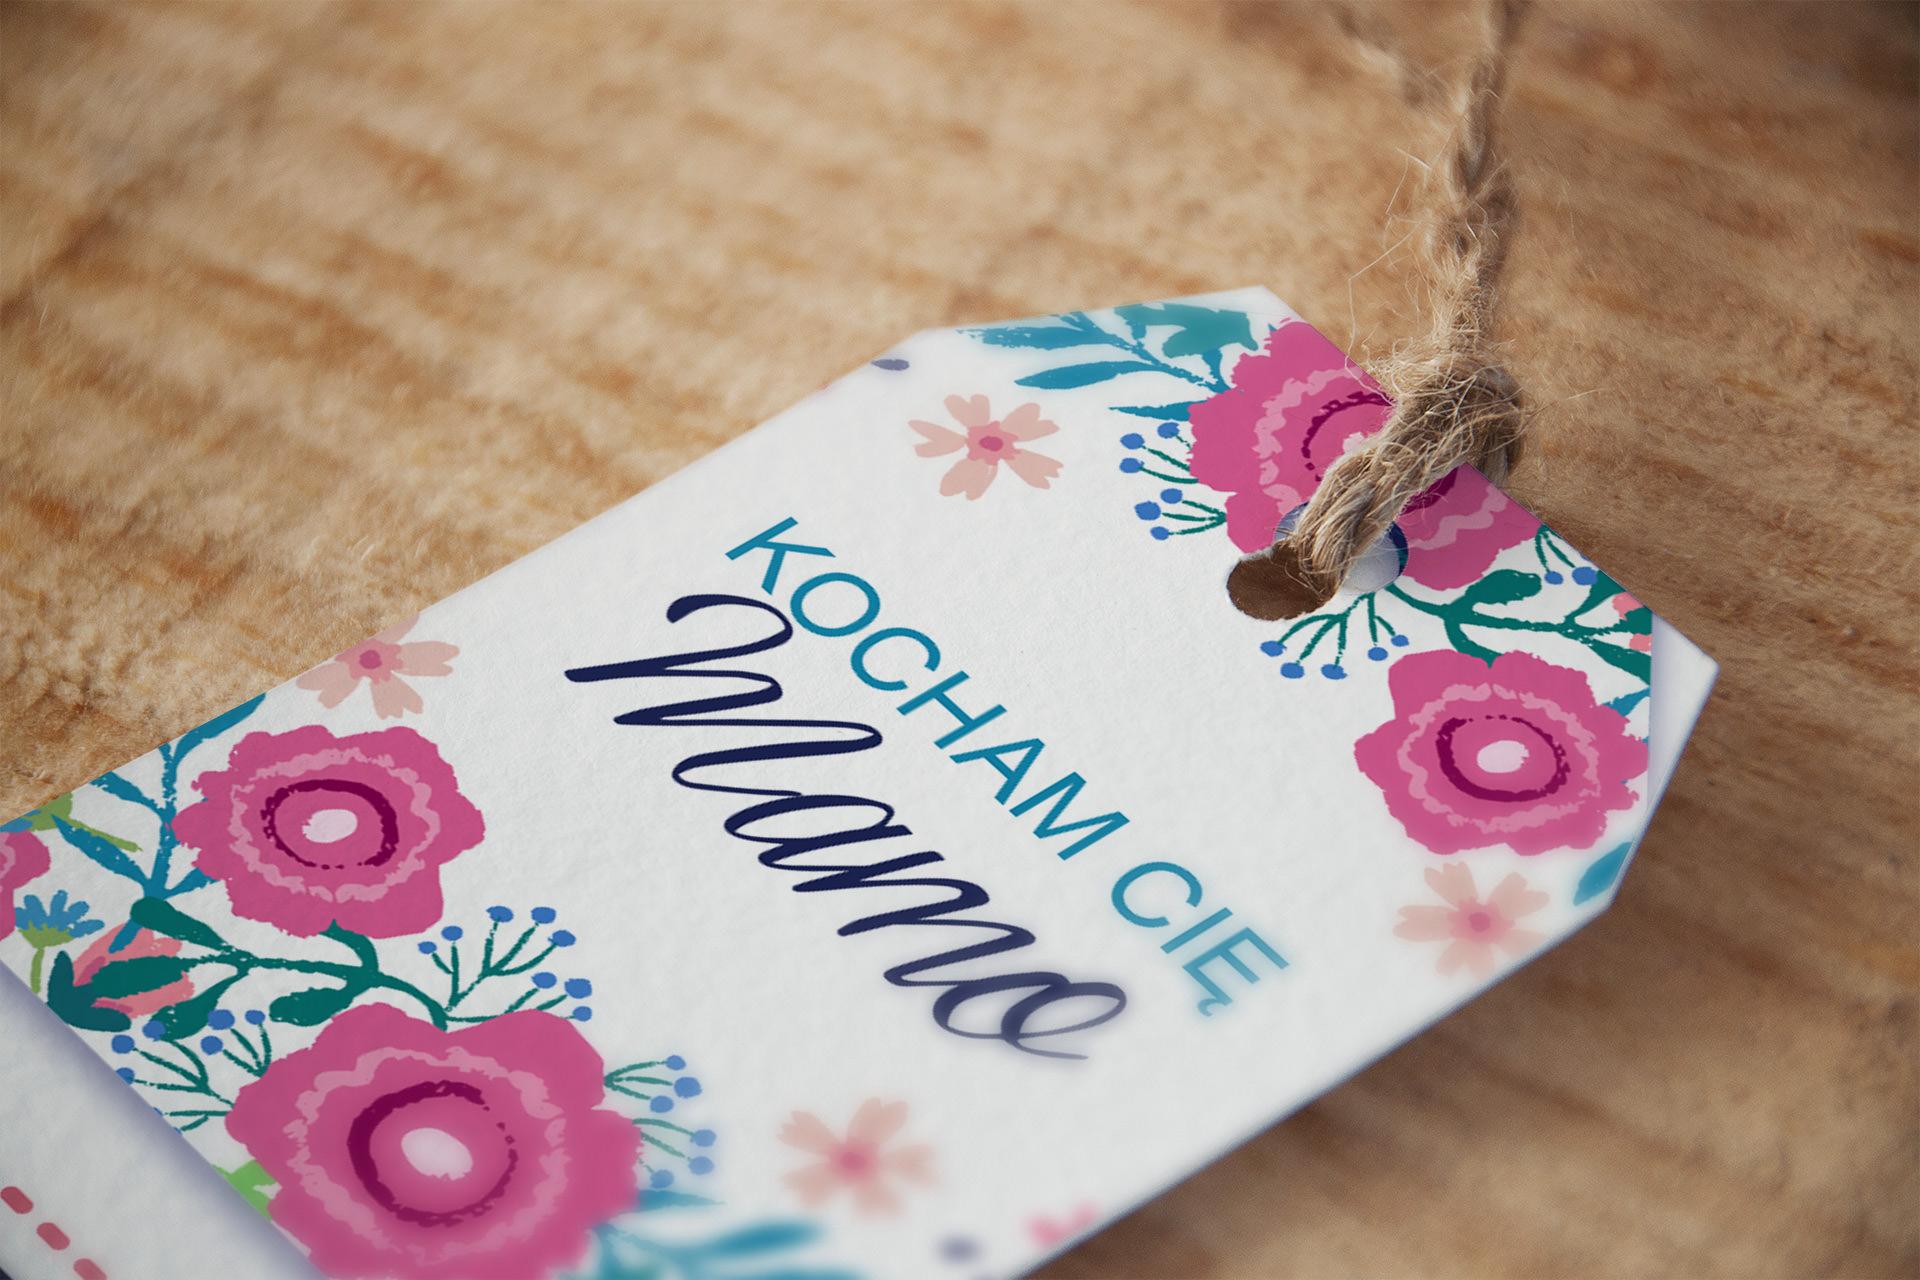 DIY na Dzień Matki: Bileciki i zawieszki na prezenty dla Mamy do wydrukowania za darmo